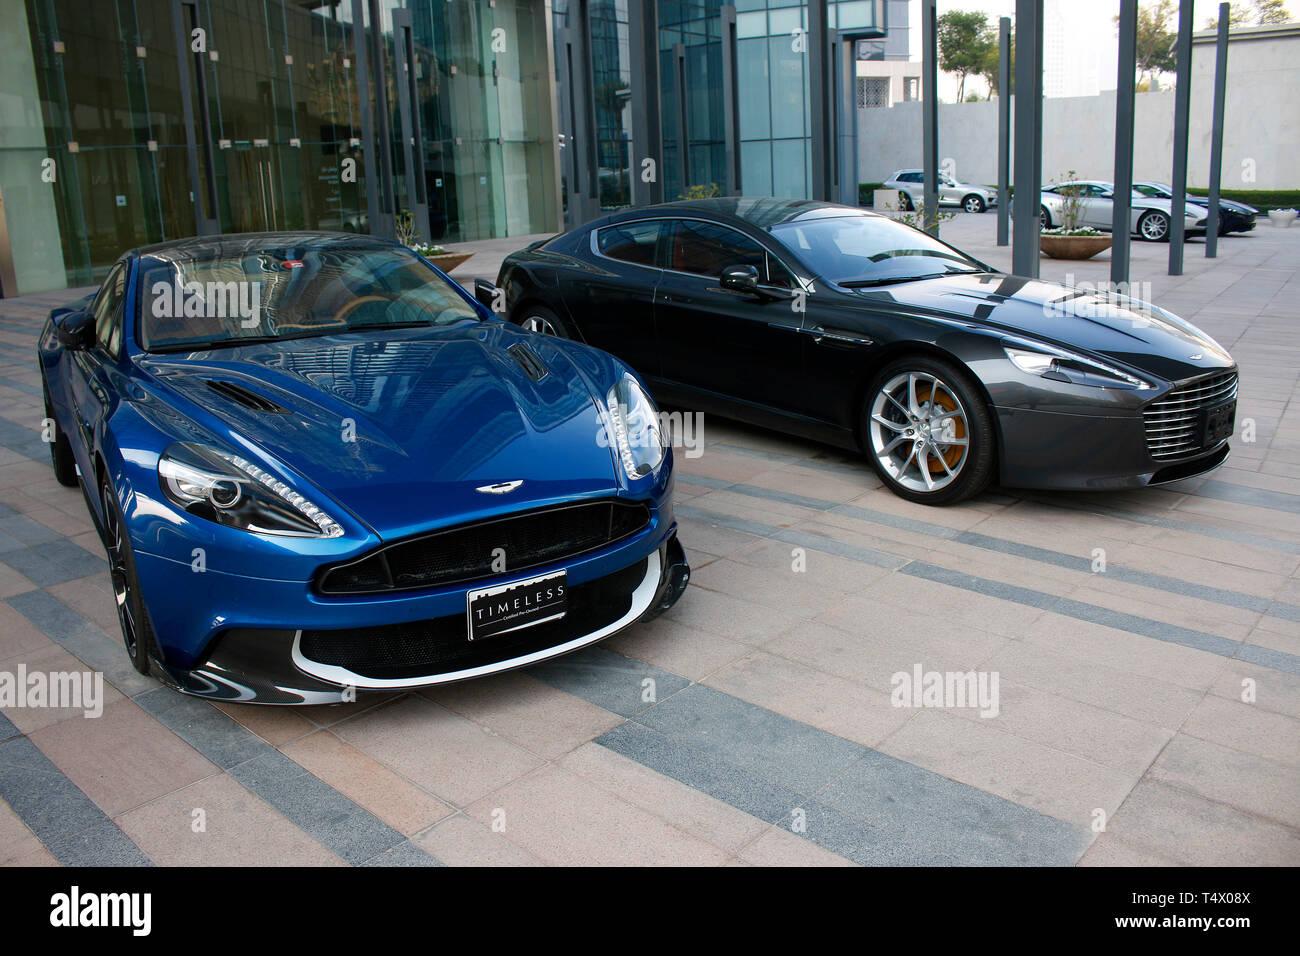 Aston Martin Dubai Stock Photo Alamy